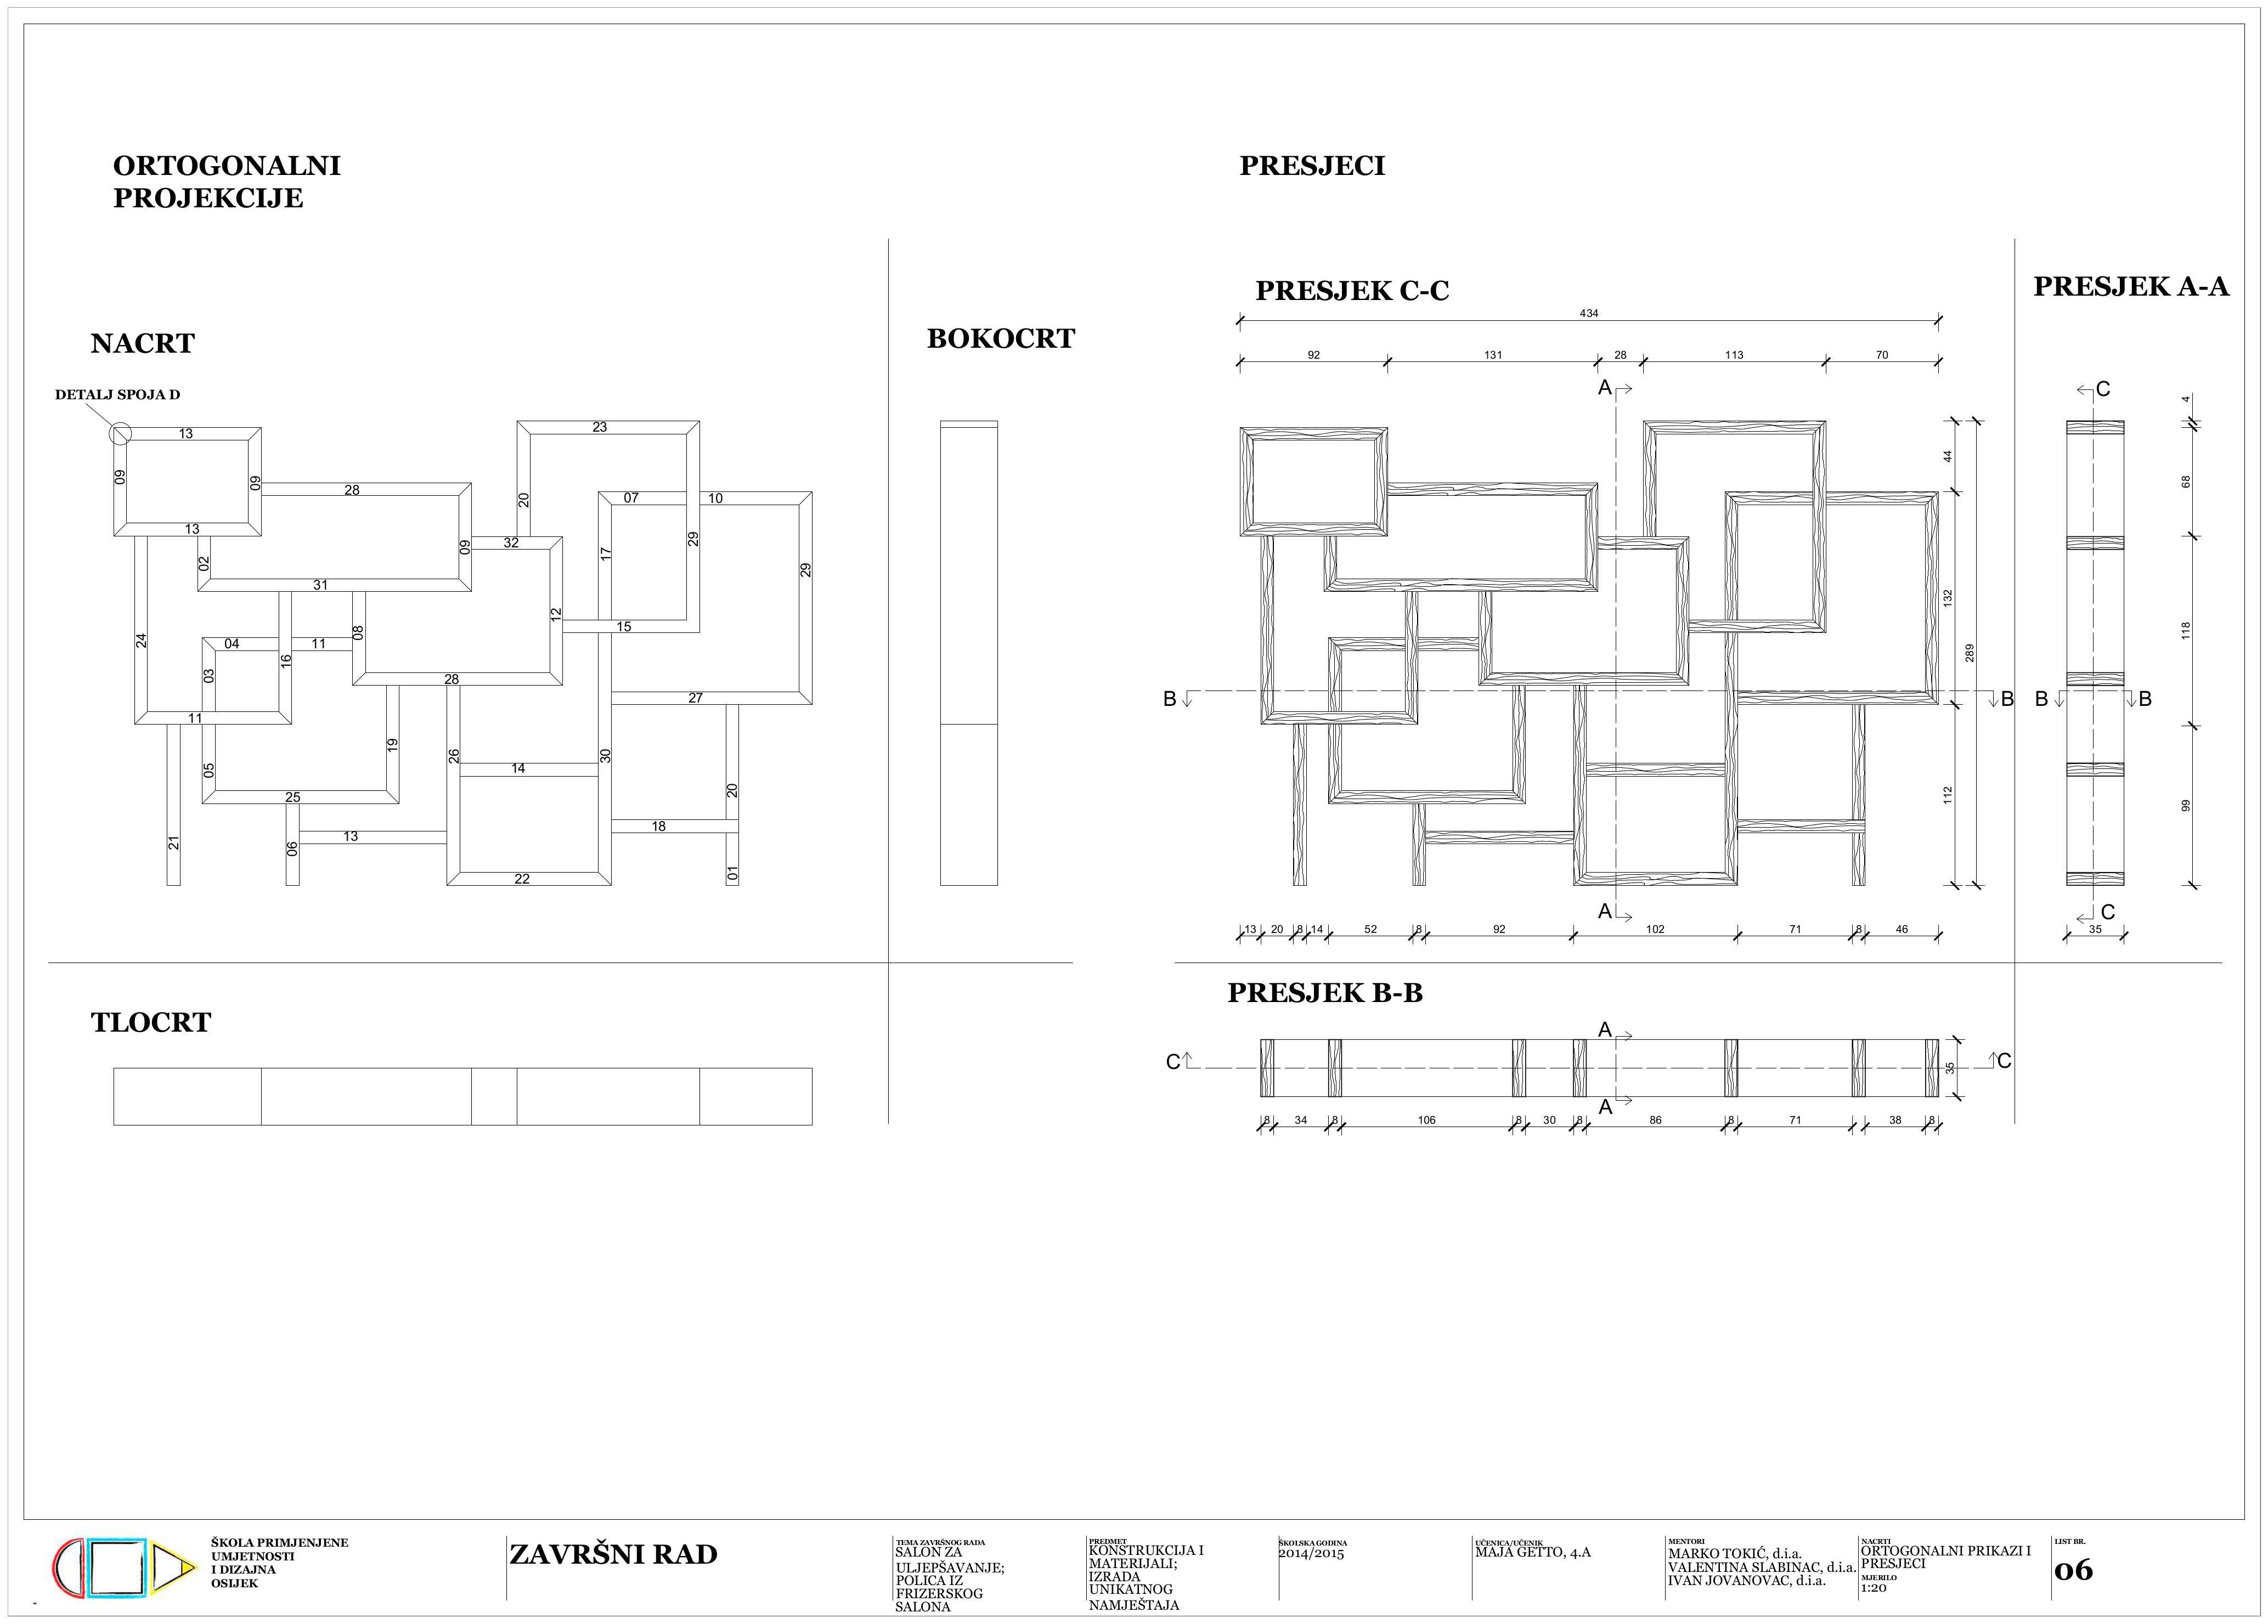 Dizajn namještaja : Ortogonalni prikazi i projekcije